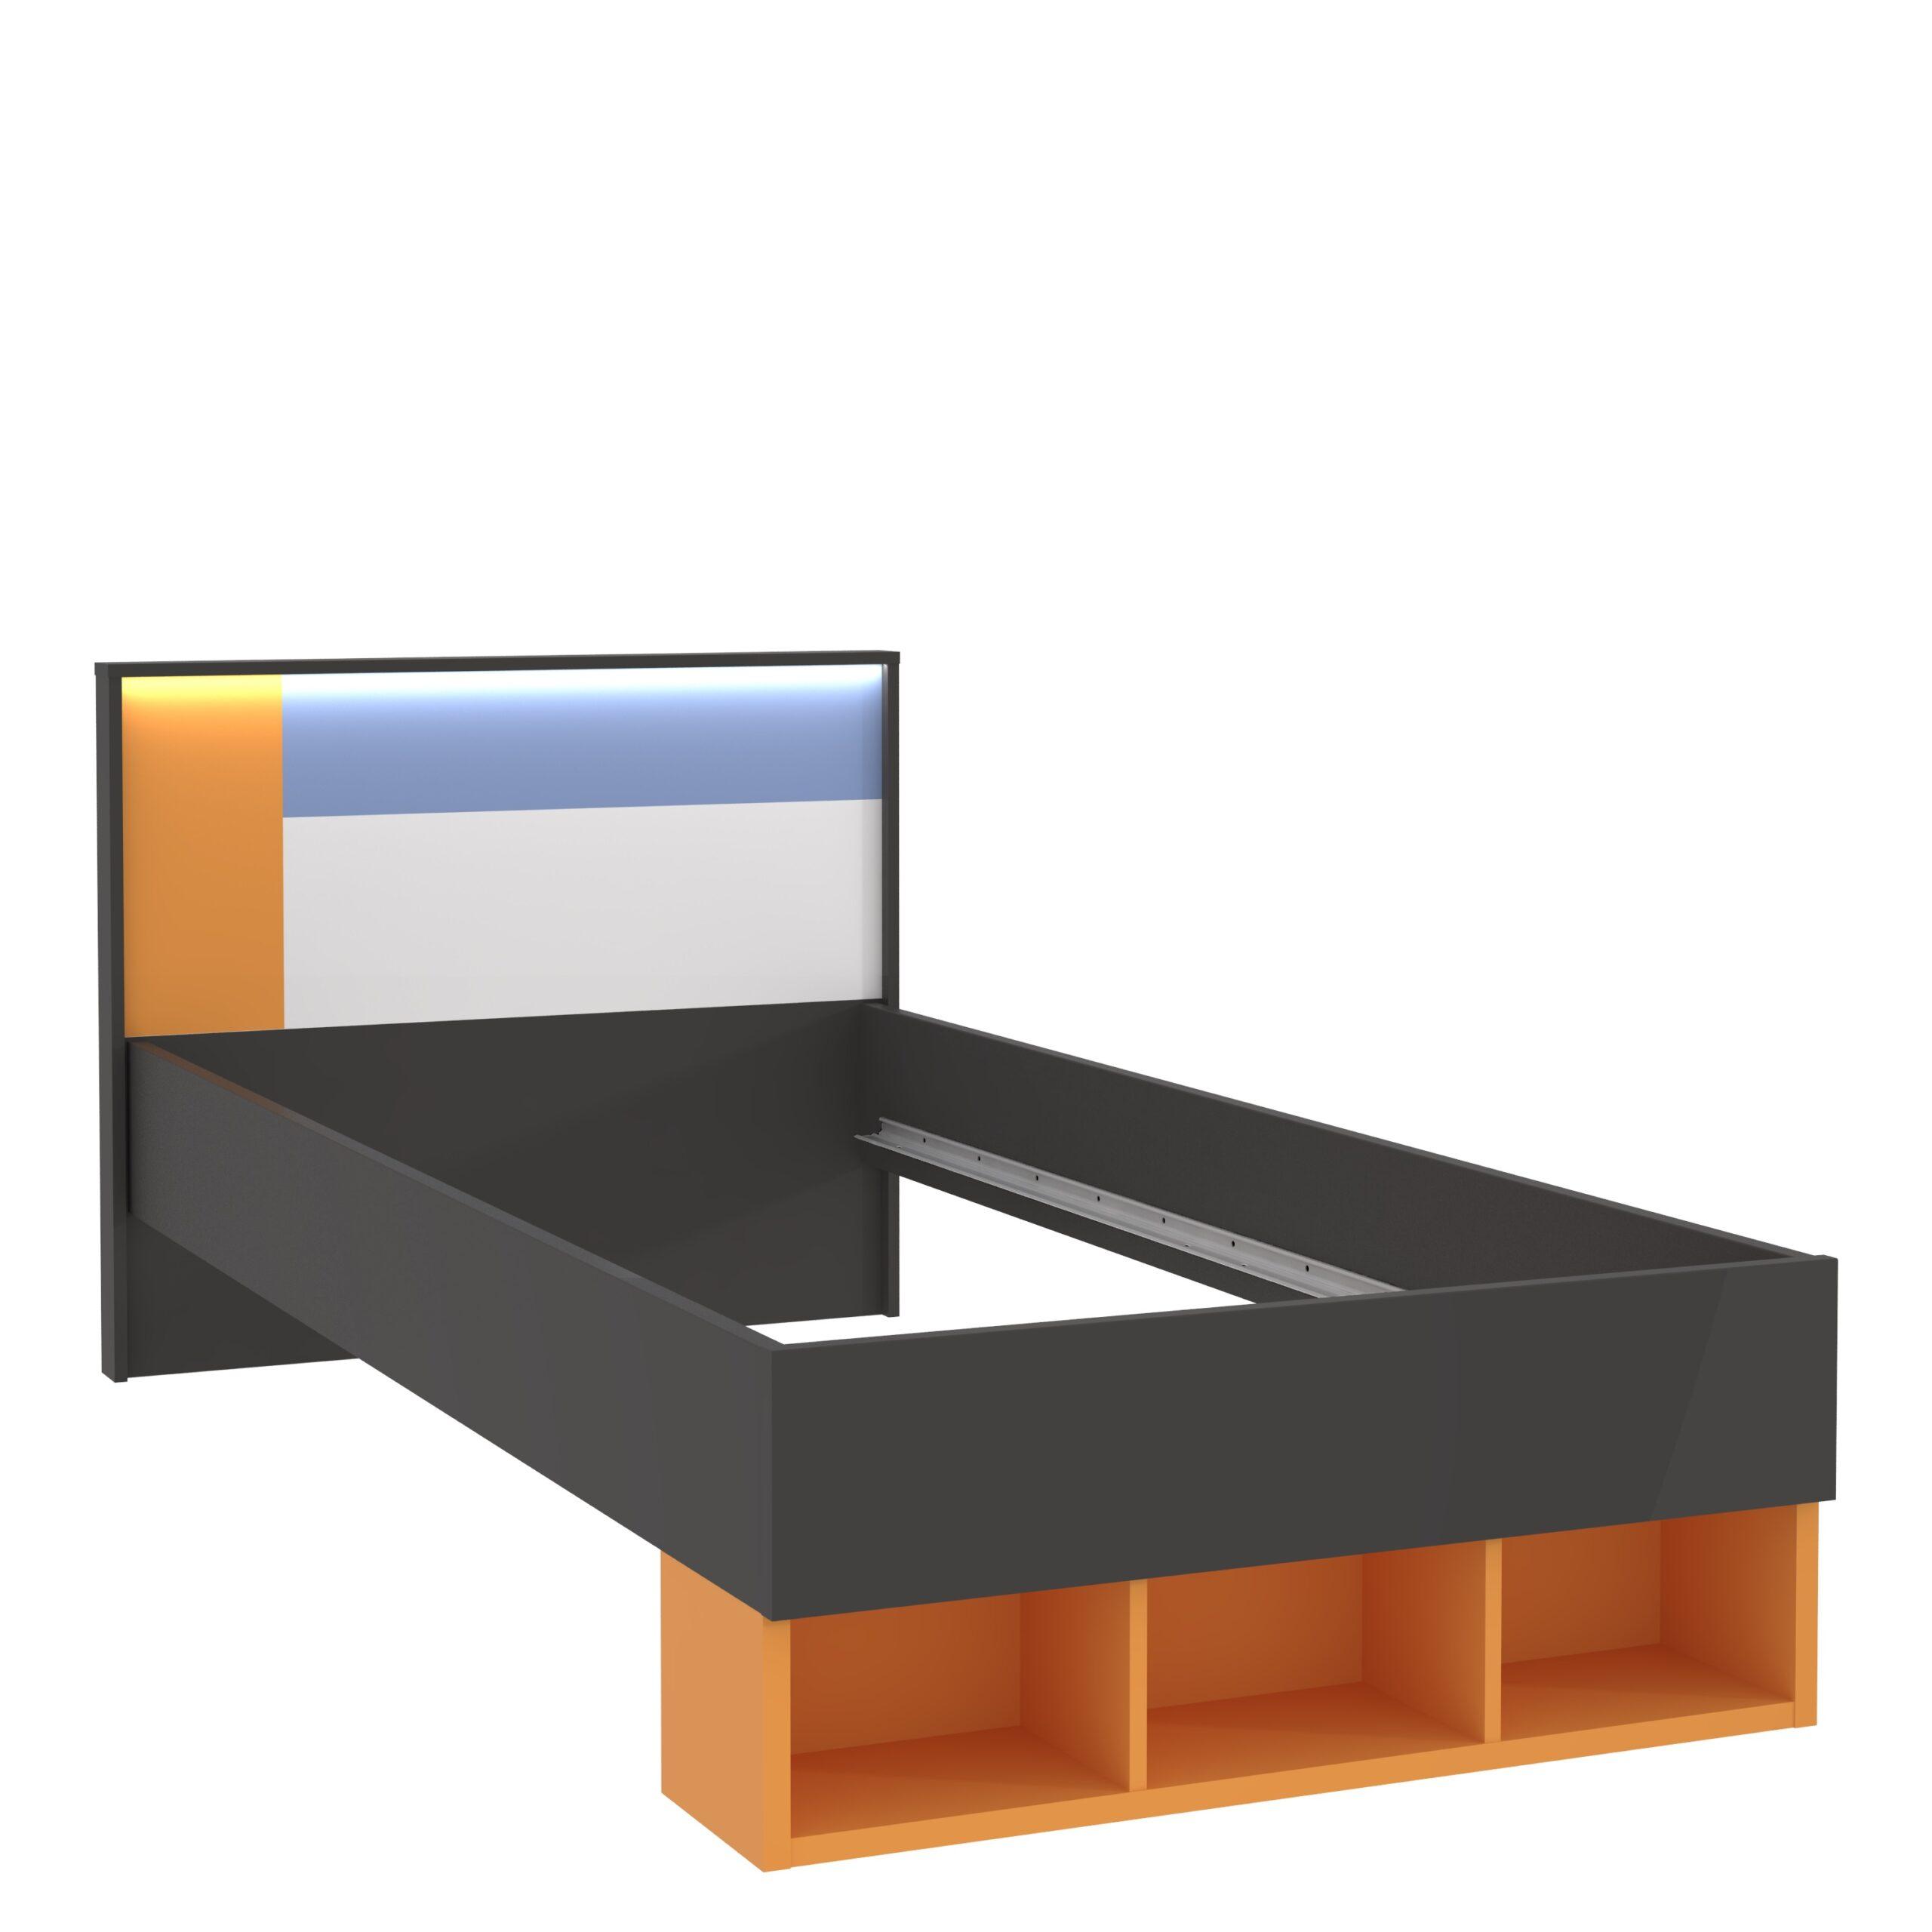 Full Size of Bett 90x200 Mit Lattenrost Schubladen Weiß Bettkasten Betten Kiefer Und Matratze Weißes Wohnzimmer Jugendbett 90x200